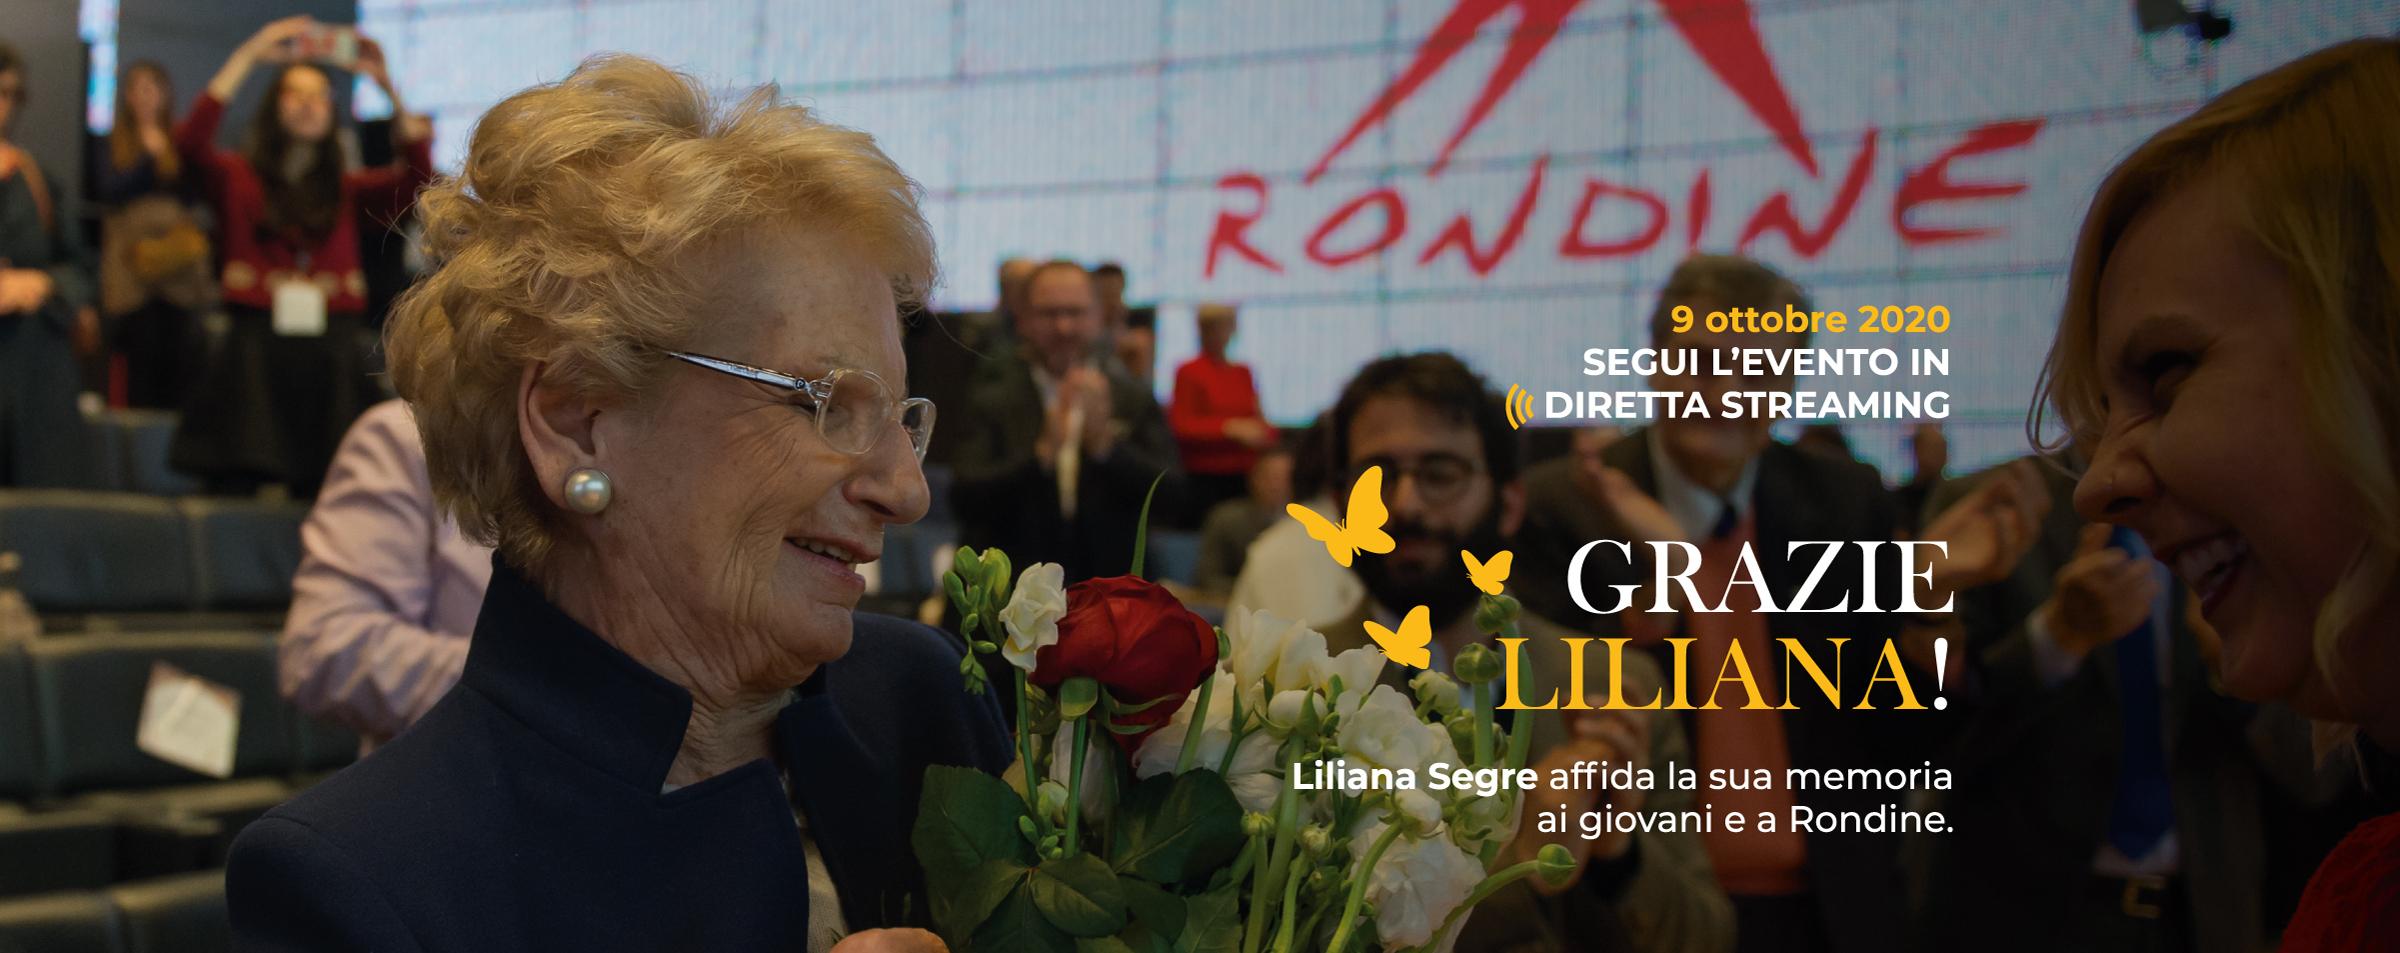 """""""Grazie Liliana!"""" Il 9 ottobre il passaggio del testimone ai giovani da Rondine"""